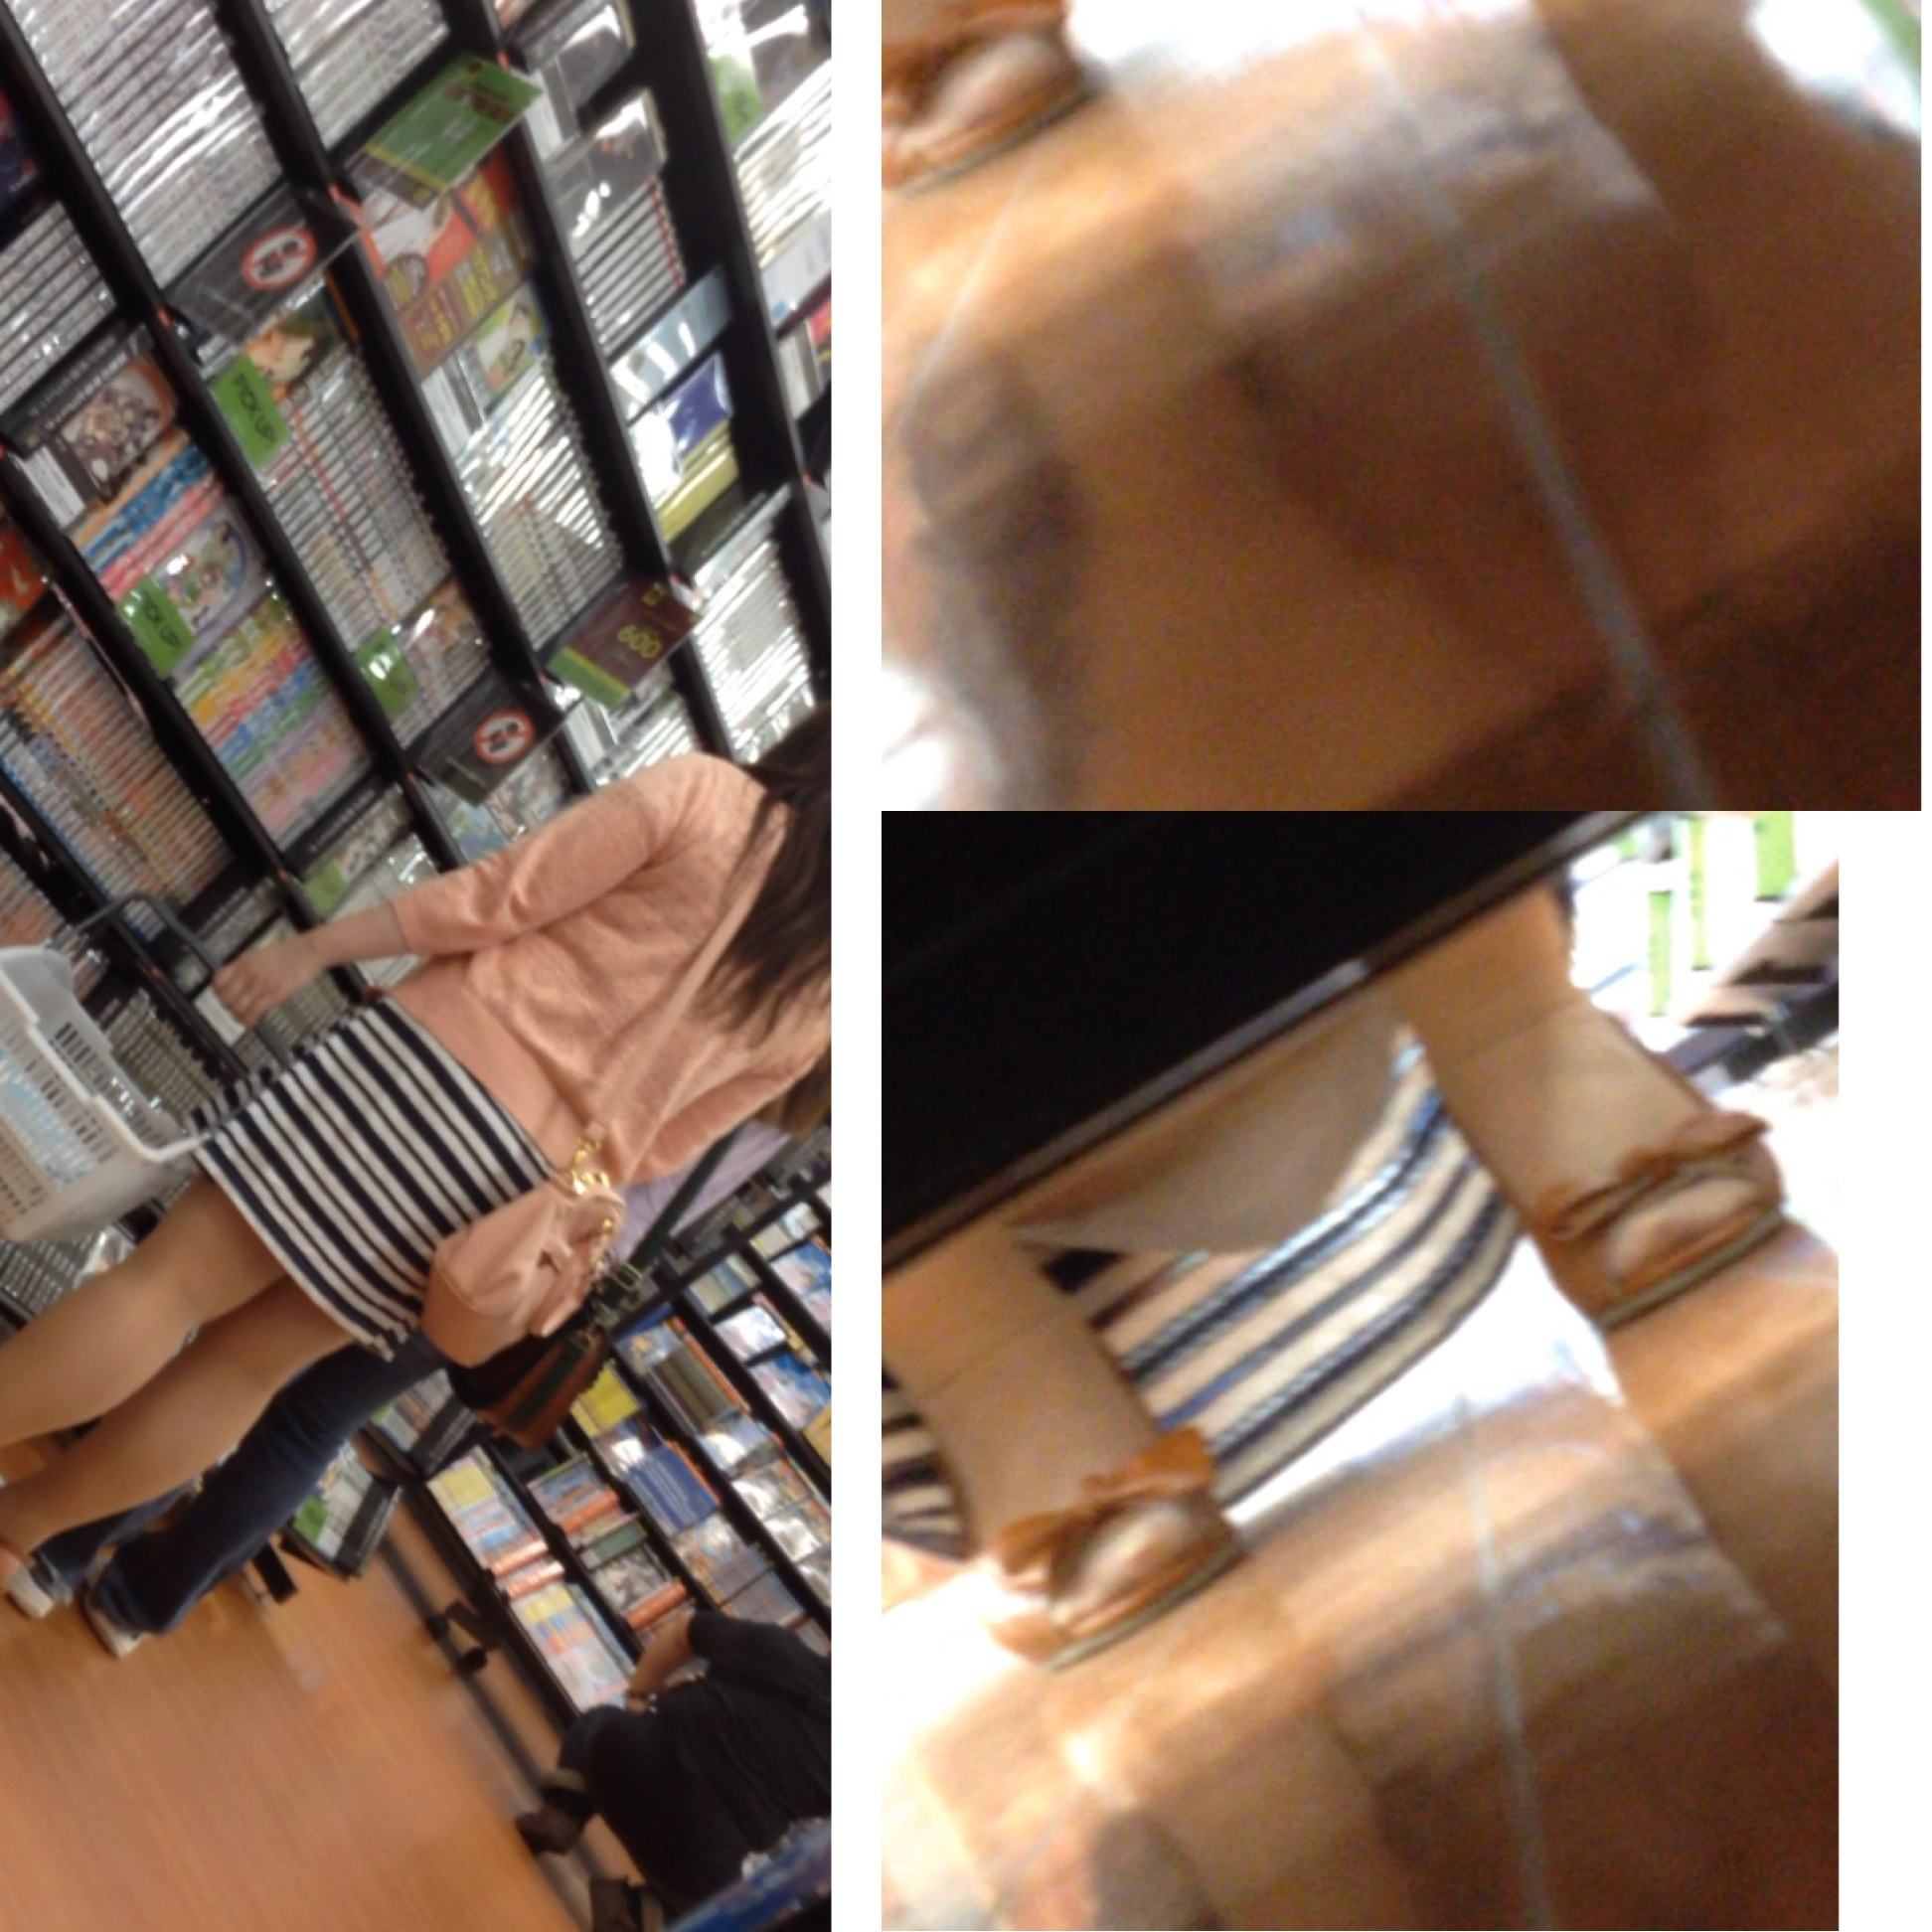 【パンチラエロ画像】棚の向こうに気配!下を除けばパンツ履いた股間がwww 15